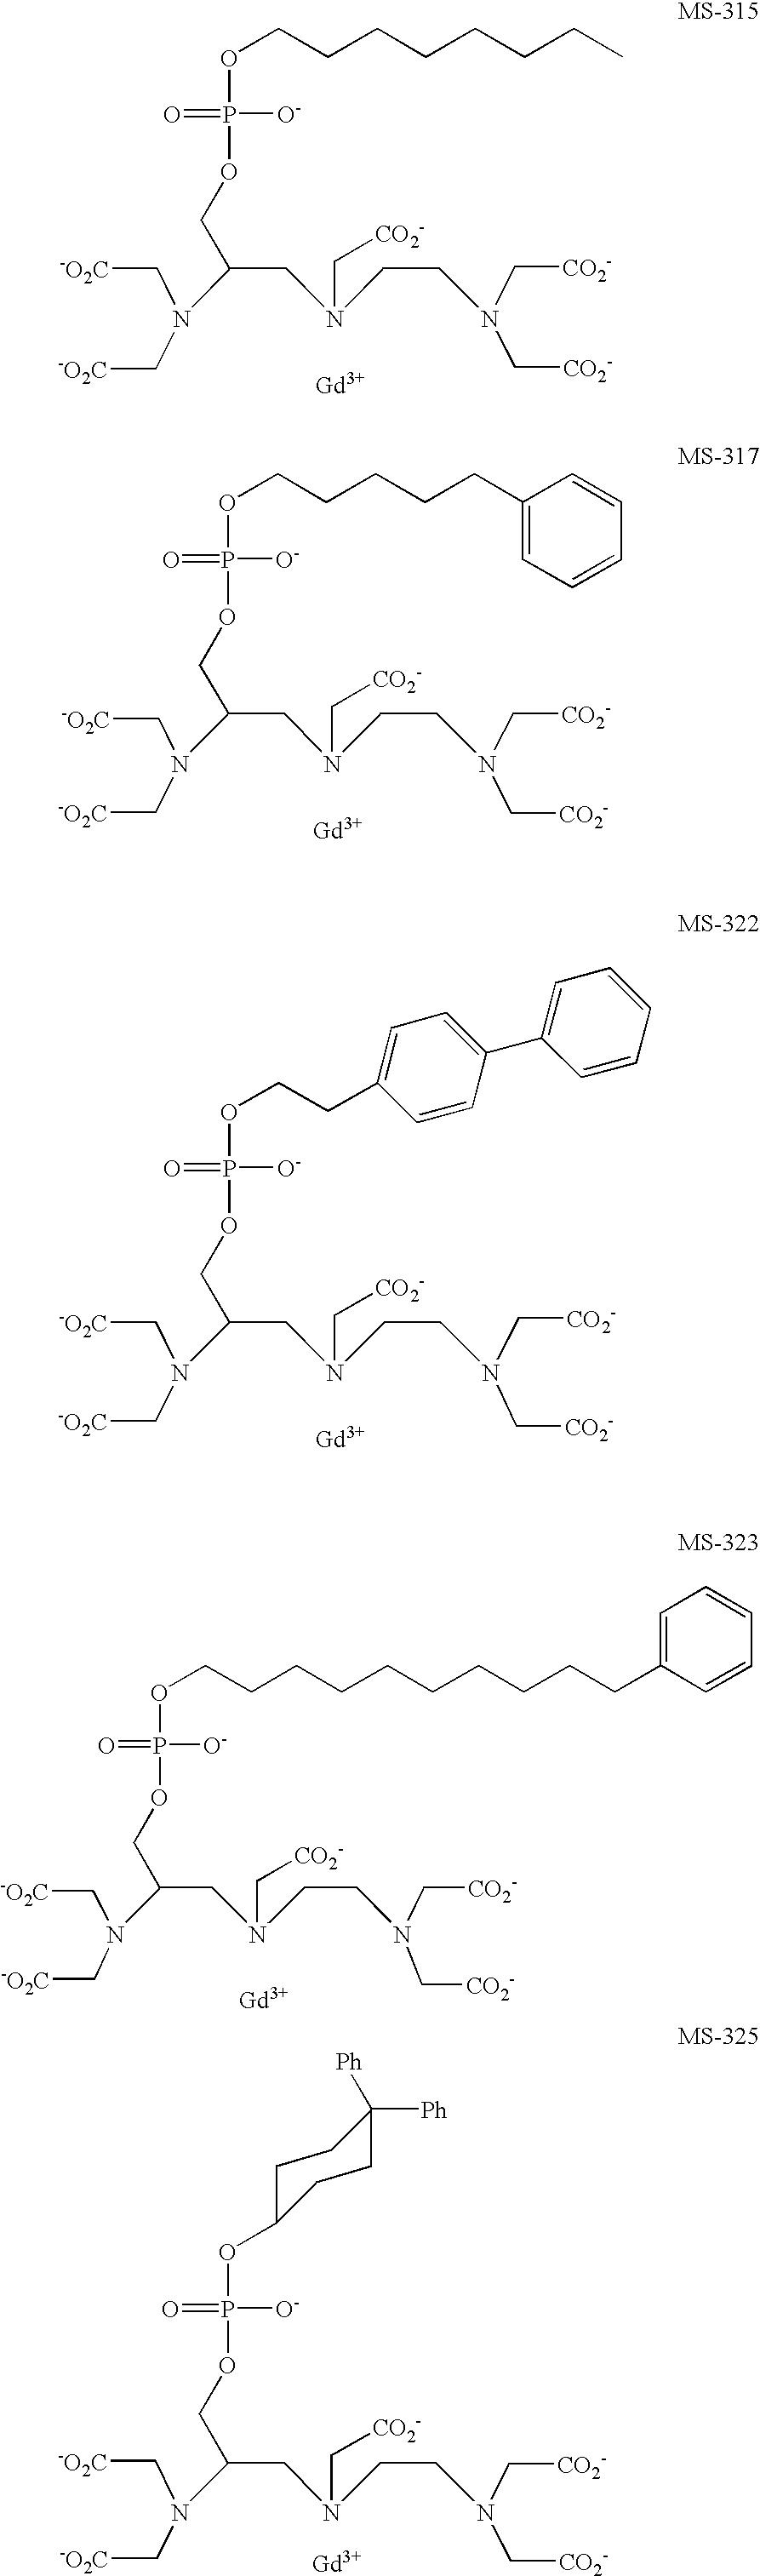 Figure US20030180223A1-20030925-C00022